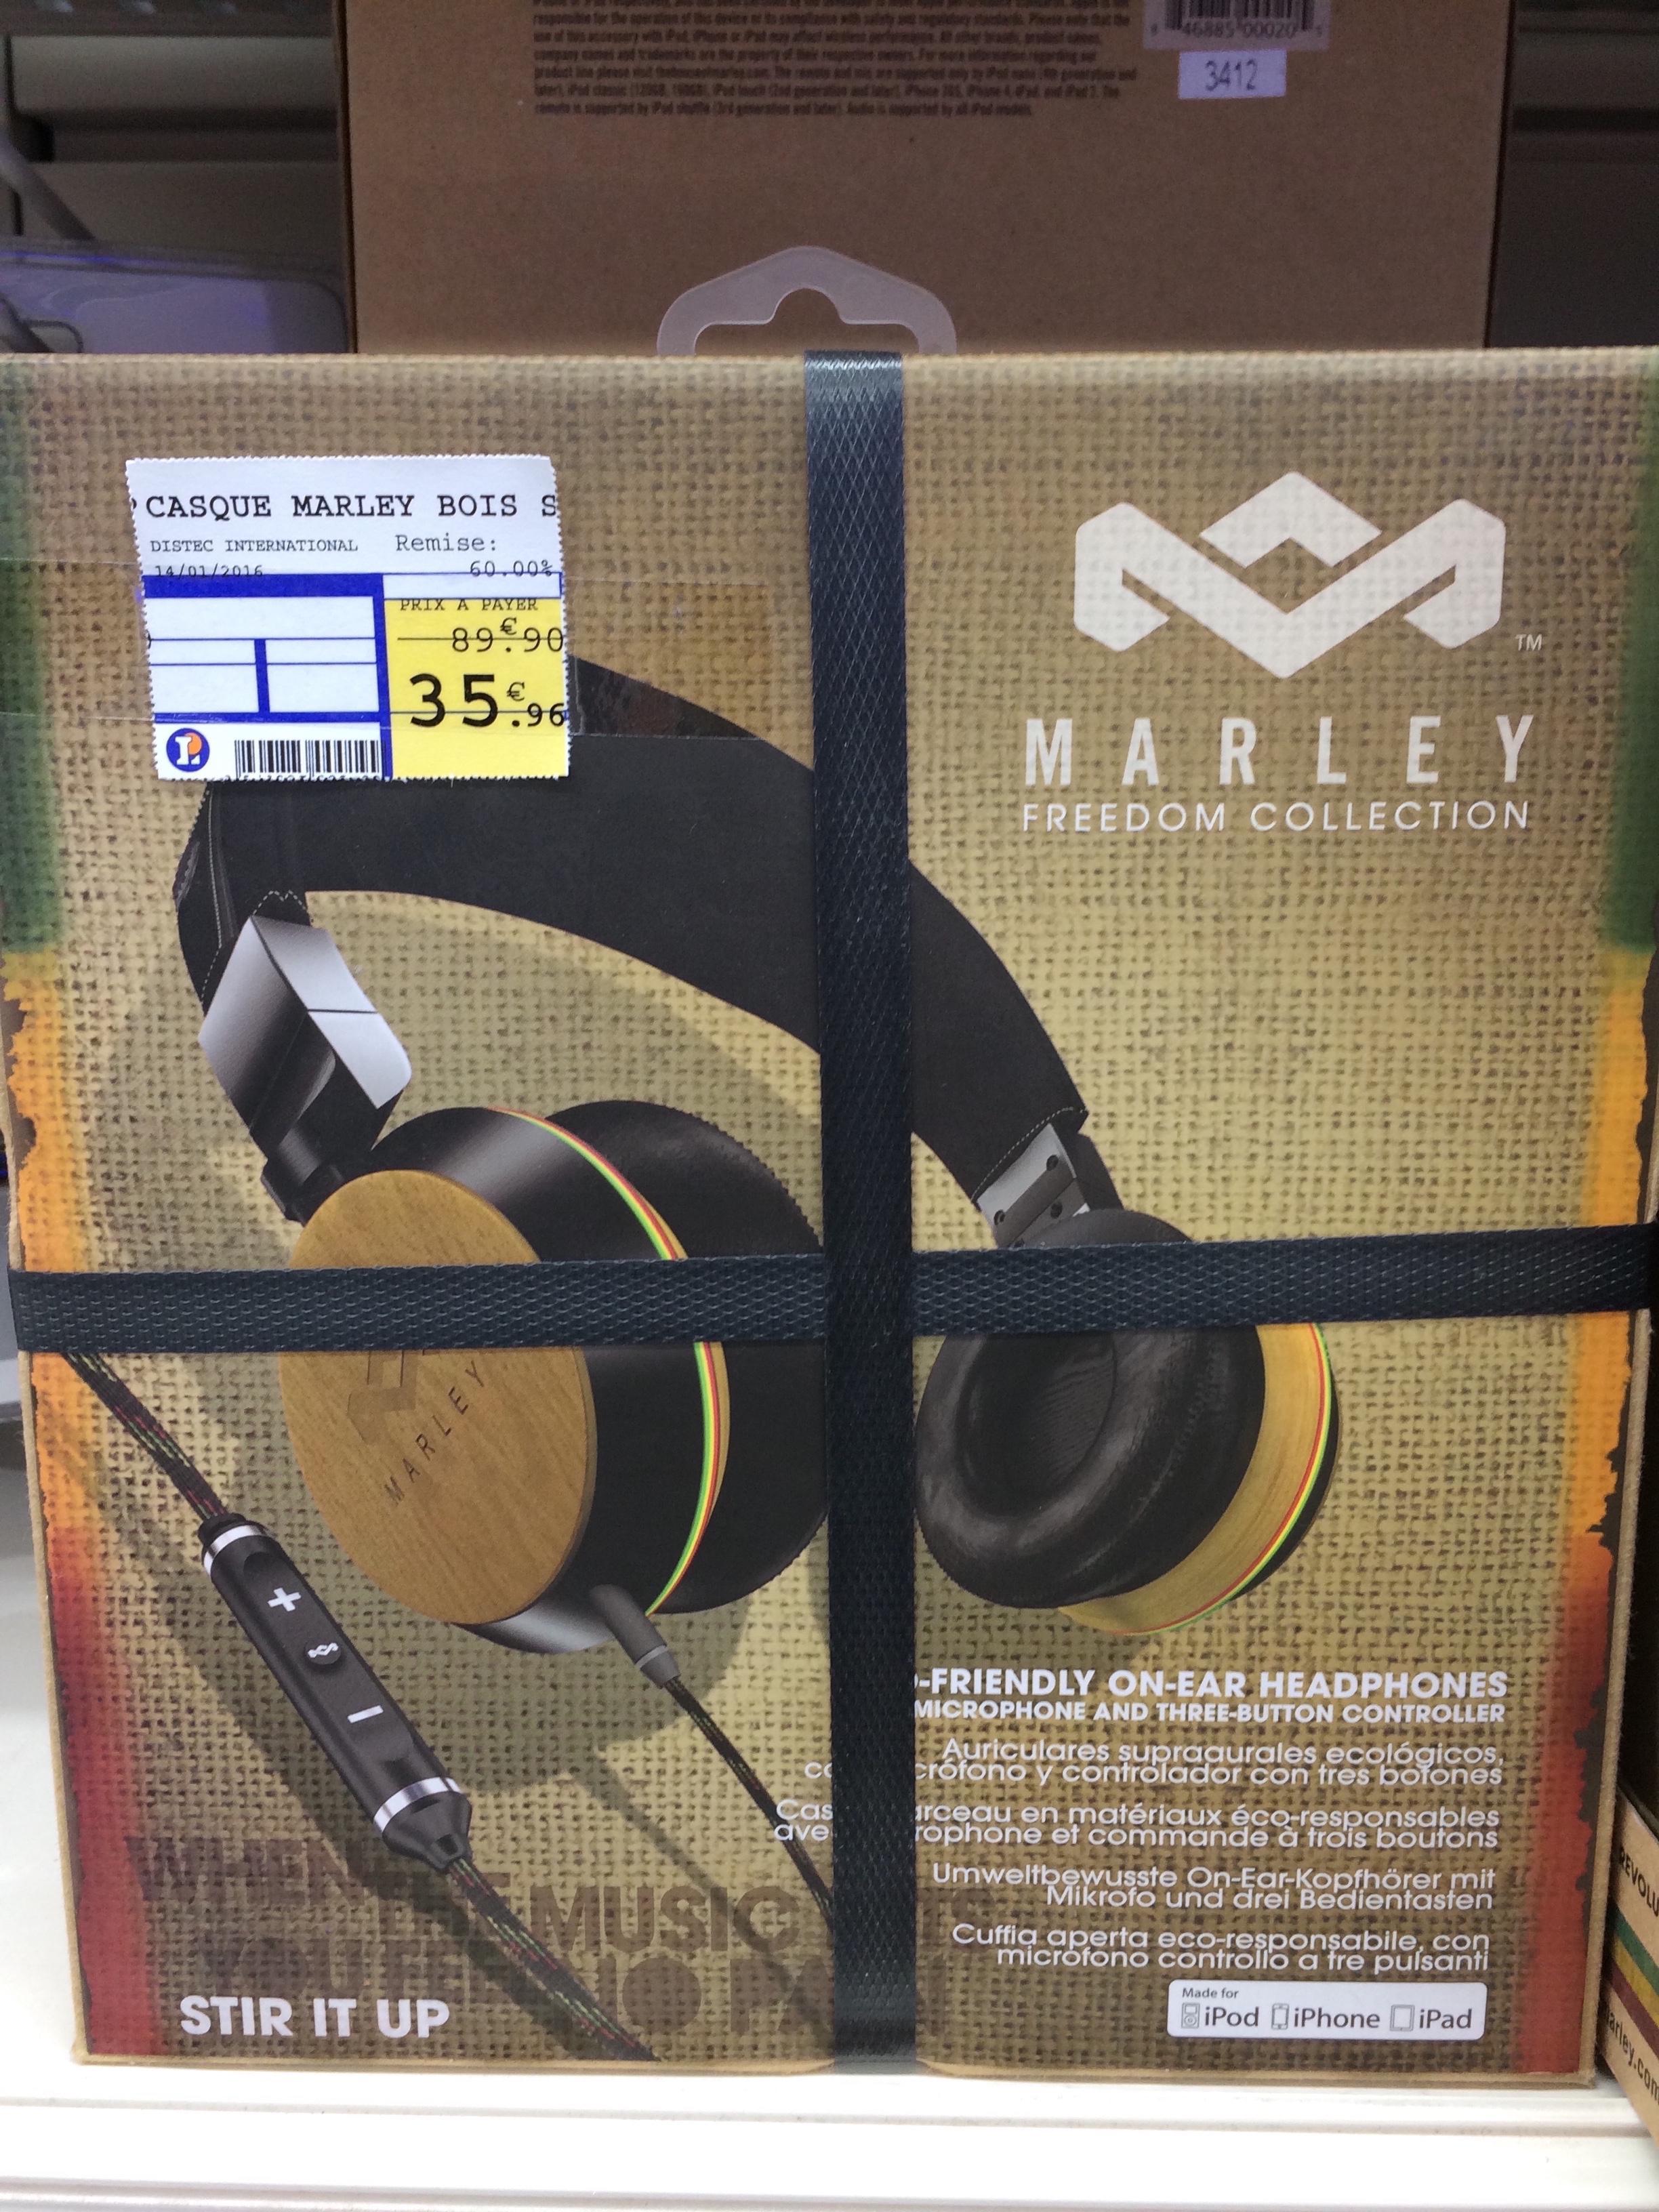 Sélections de casques audio filaires et bluetooth soldés jusqu'à -78% - Ex : Casque House of Marley Stir It Up Harvest